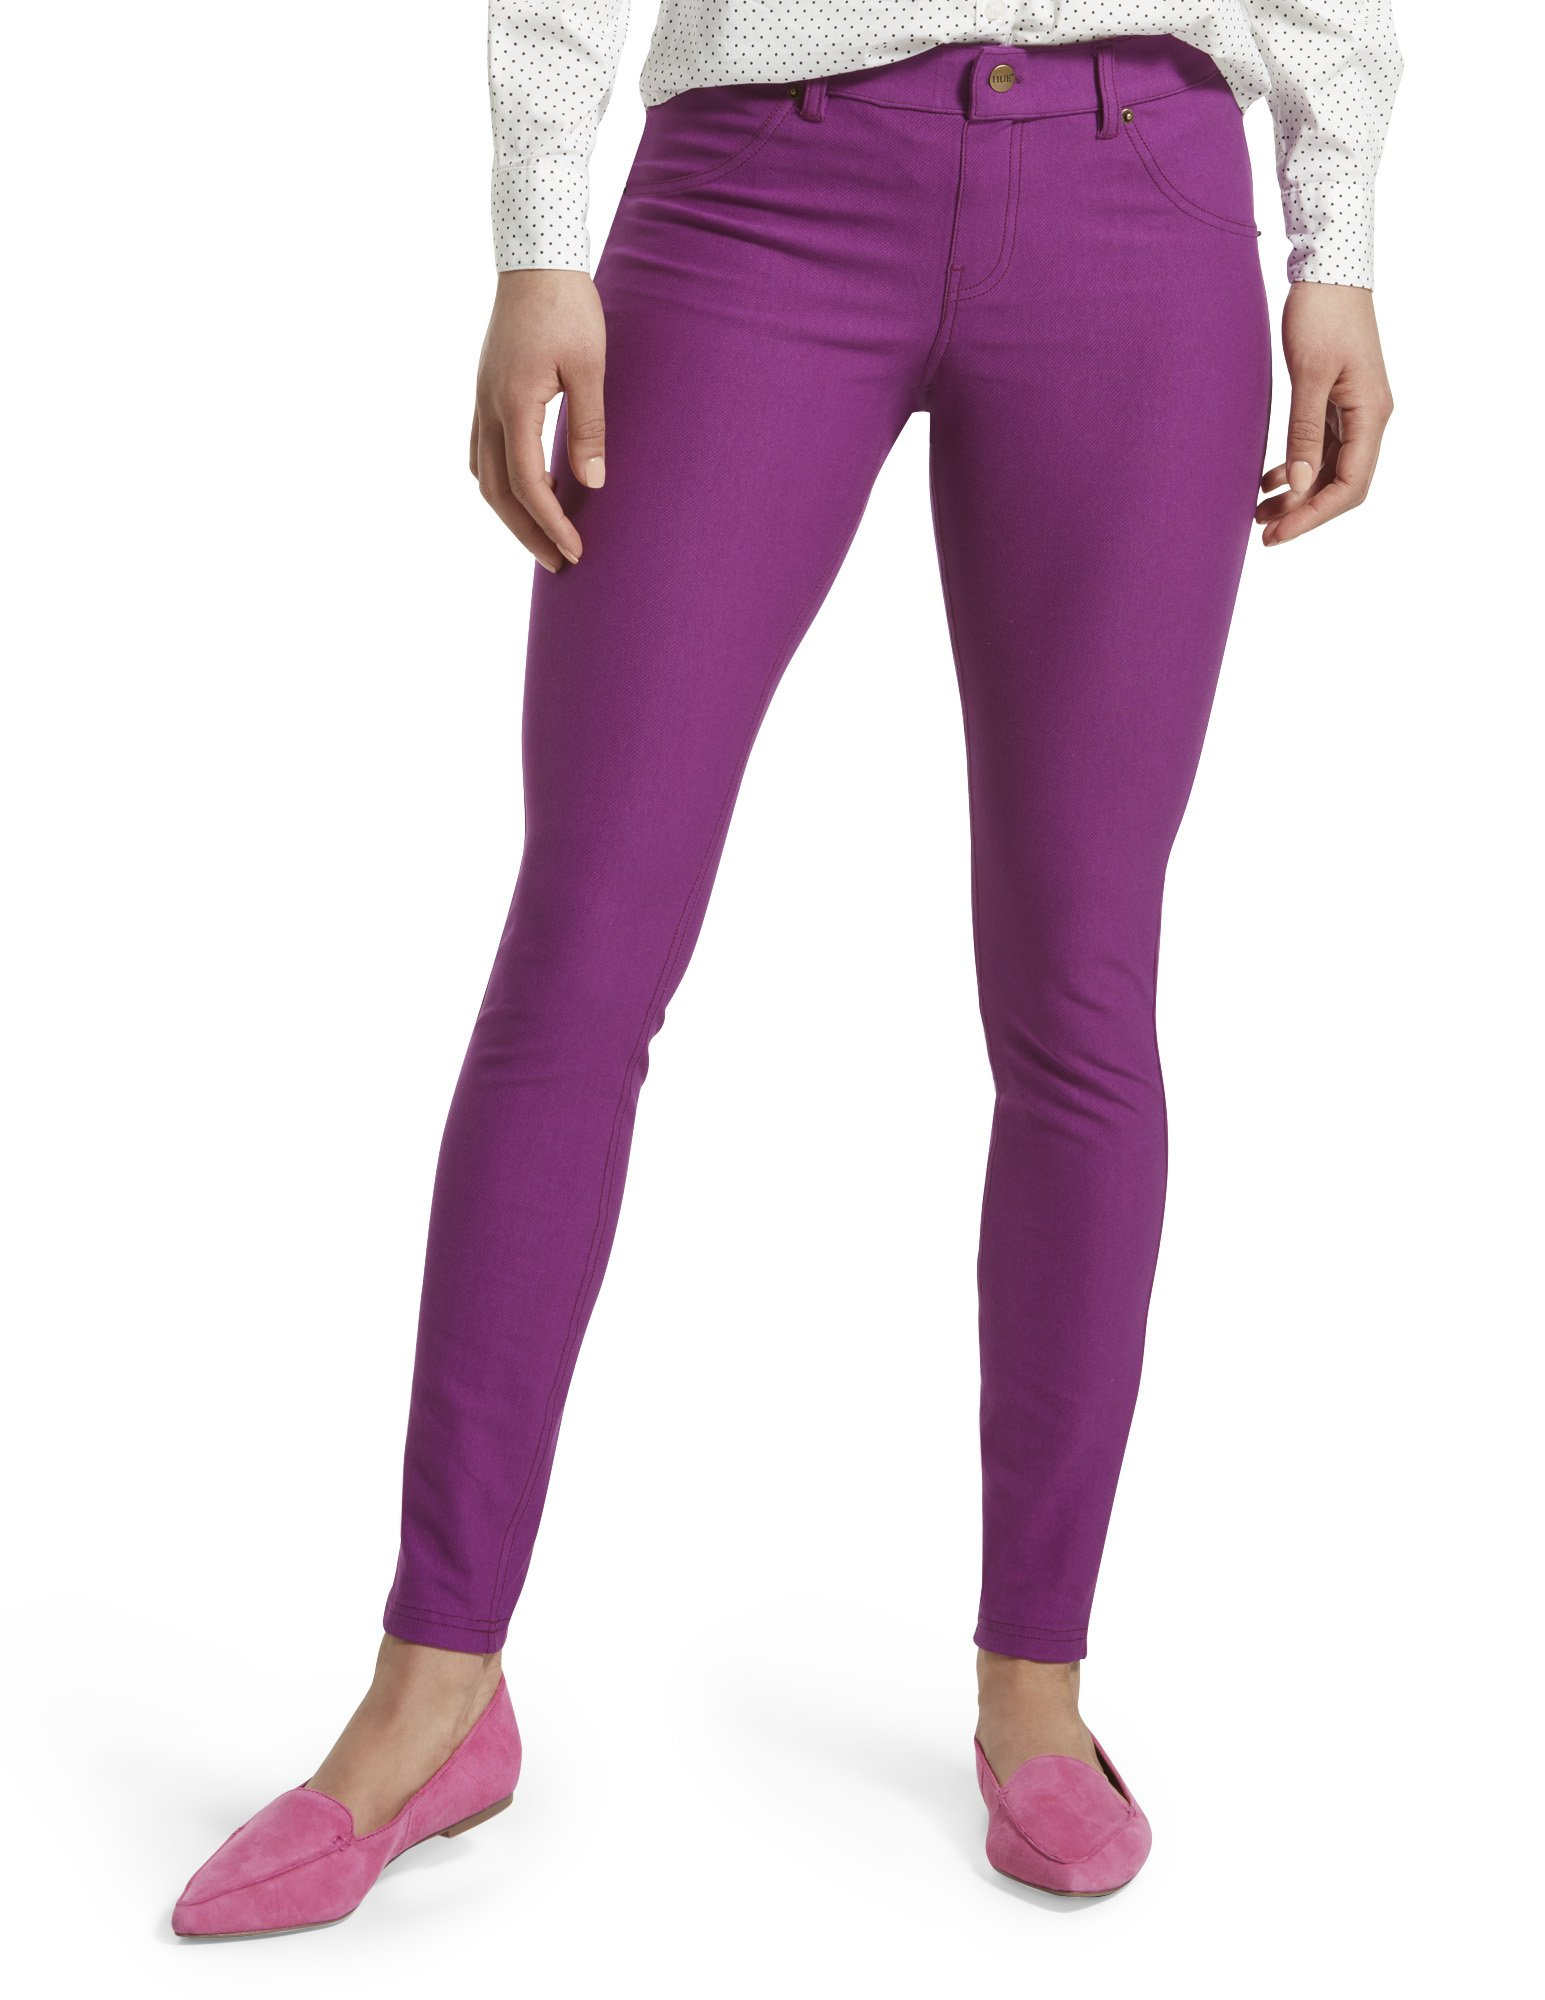 HUE Women's Essential Denim Leggings, Summer Plum, XS